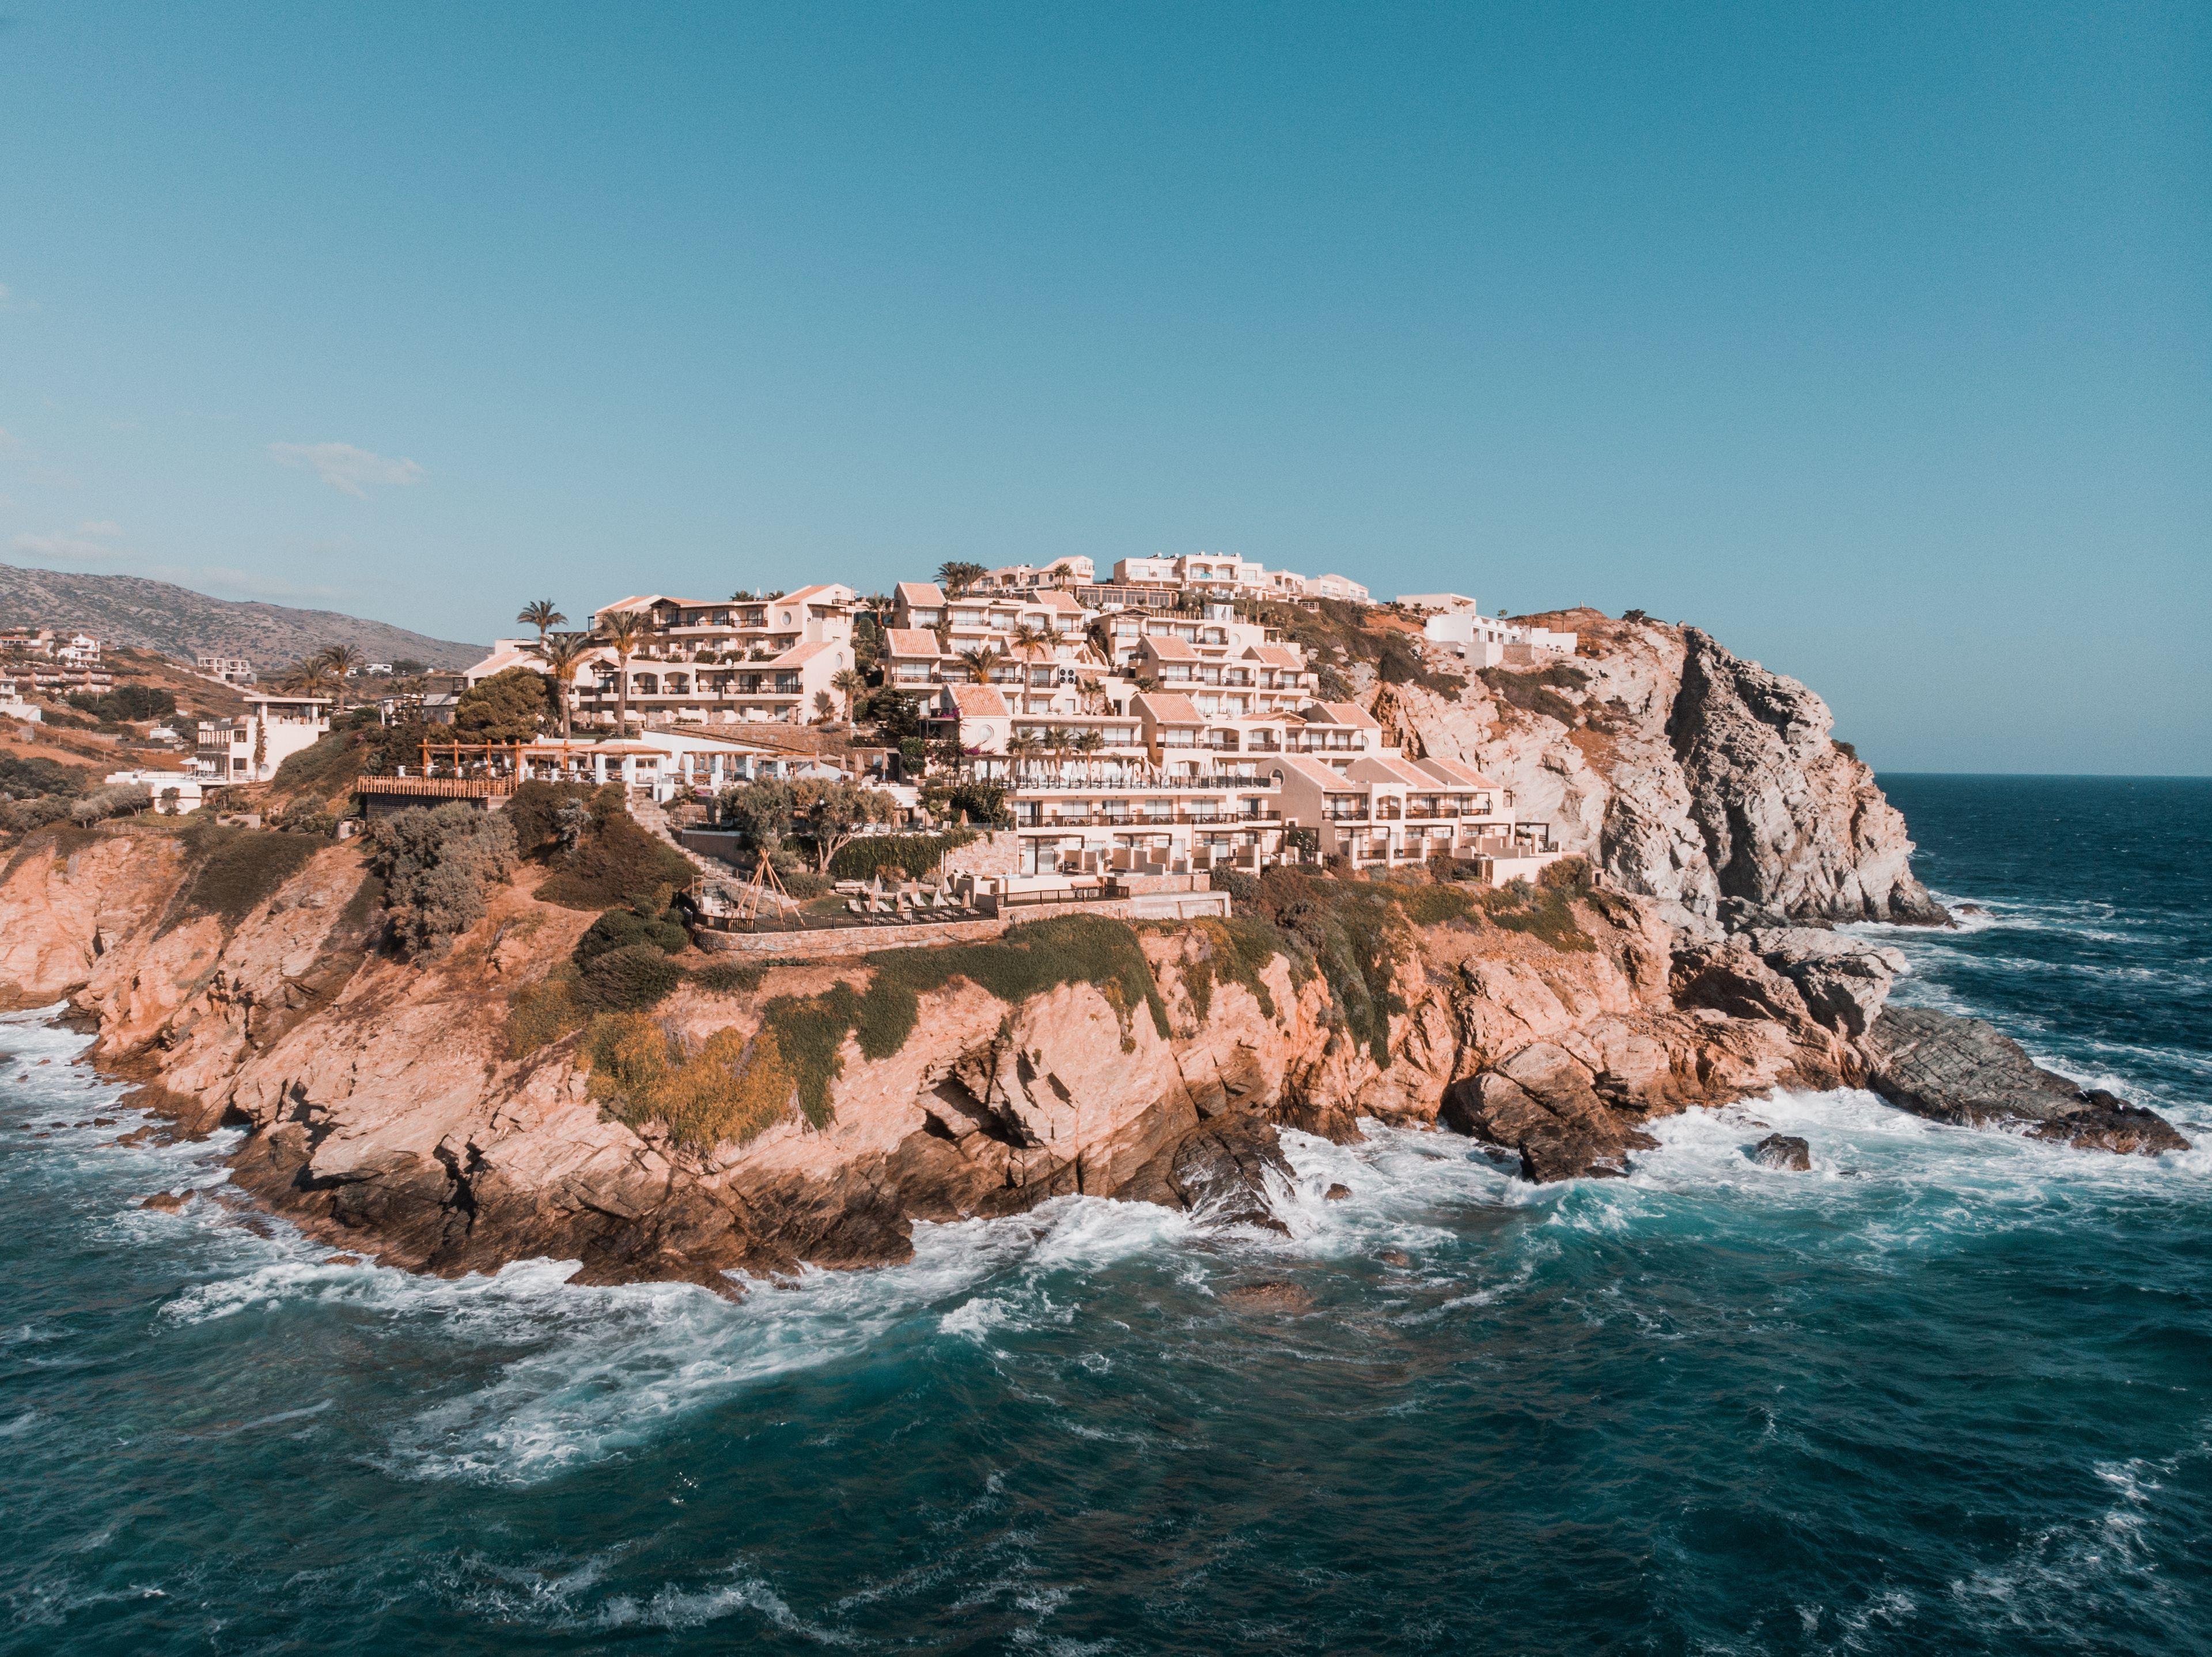 Courtesy of Sea Side Resort & Spa / Expedia.com